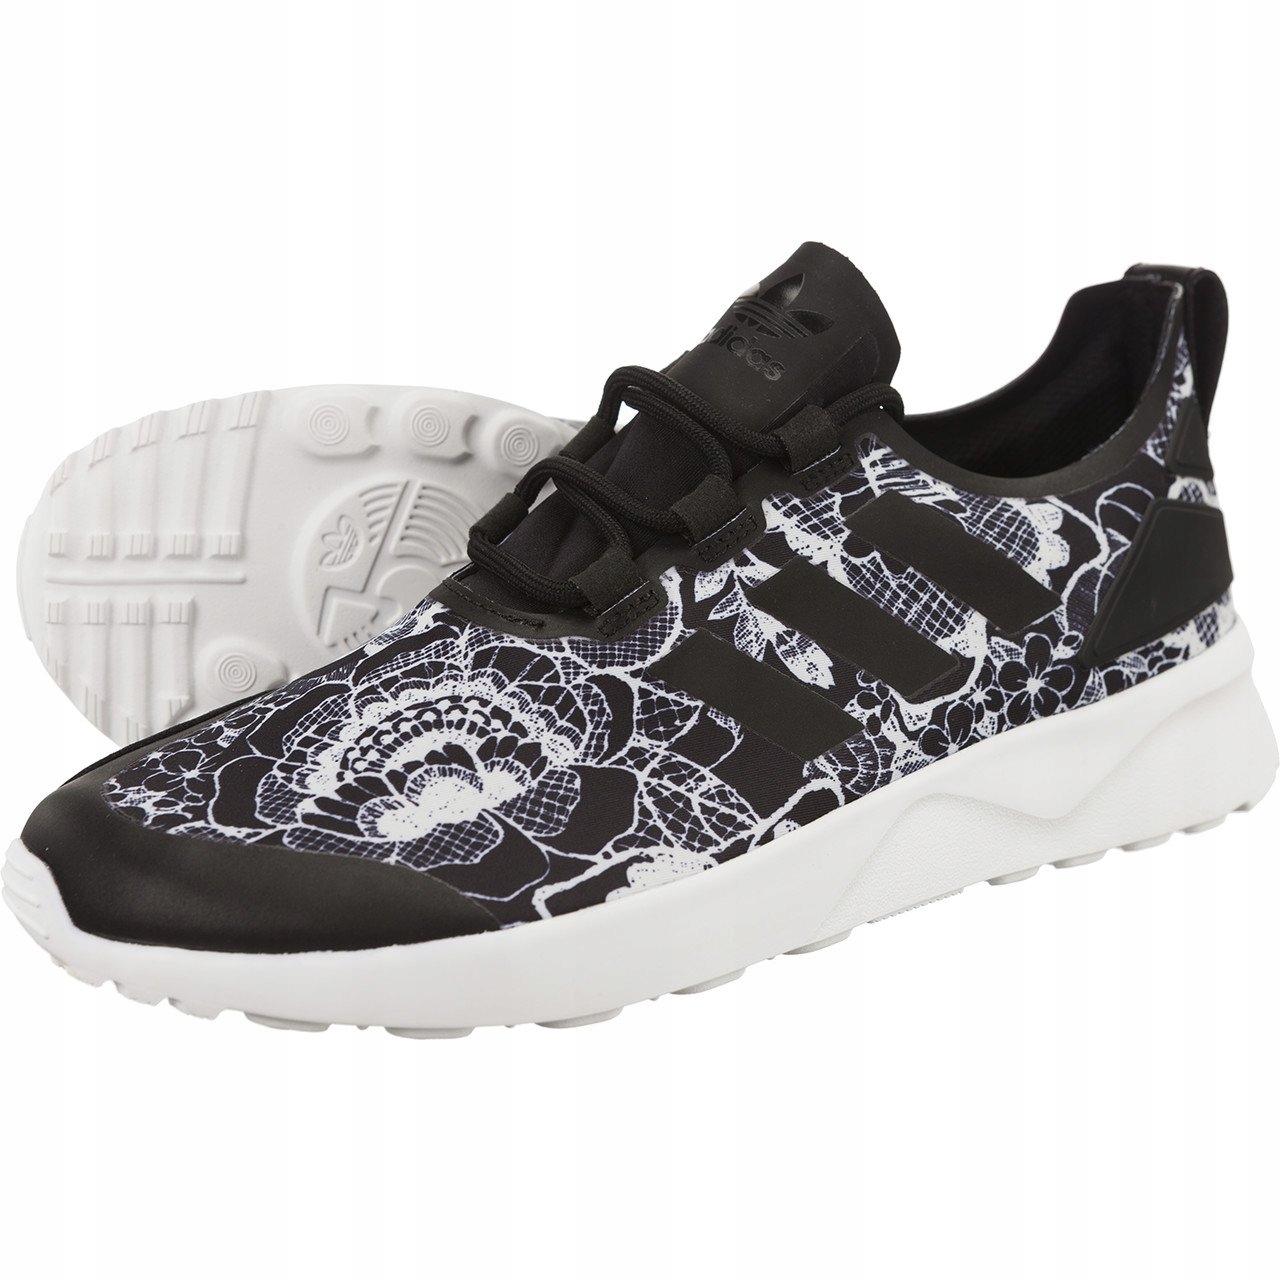 ADIDAS ZX FLUX ADV VERV (41 13) Damskie Sneakersy